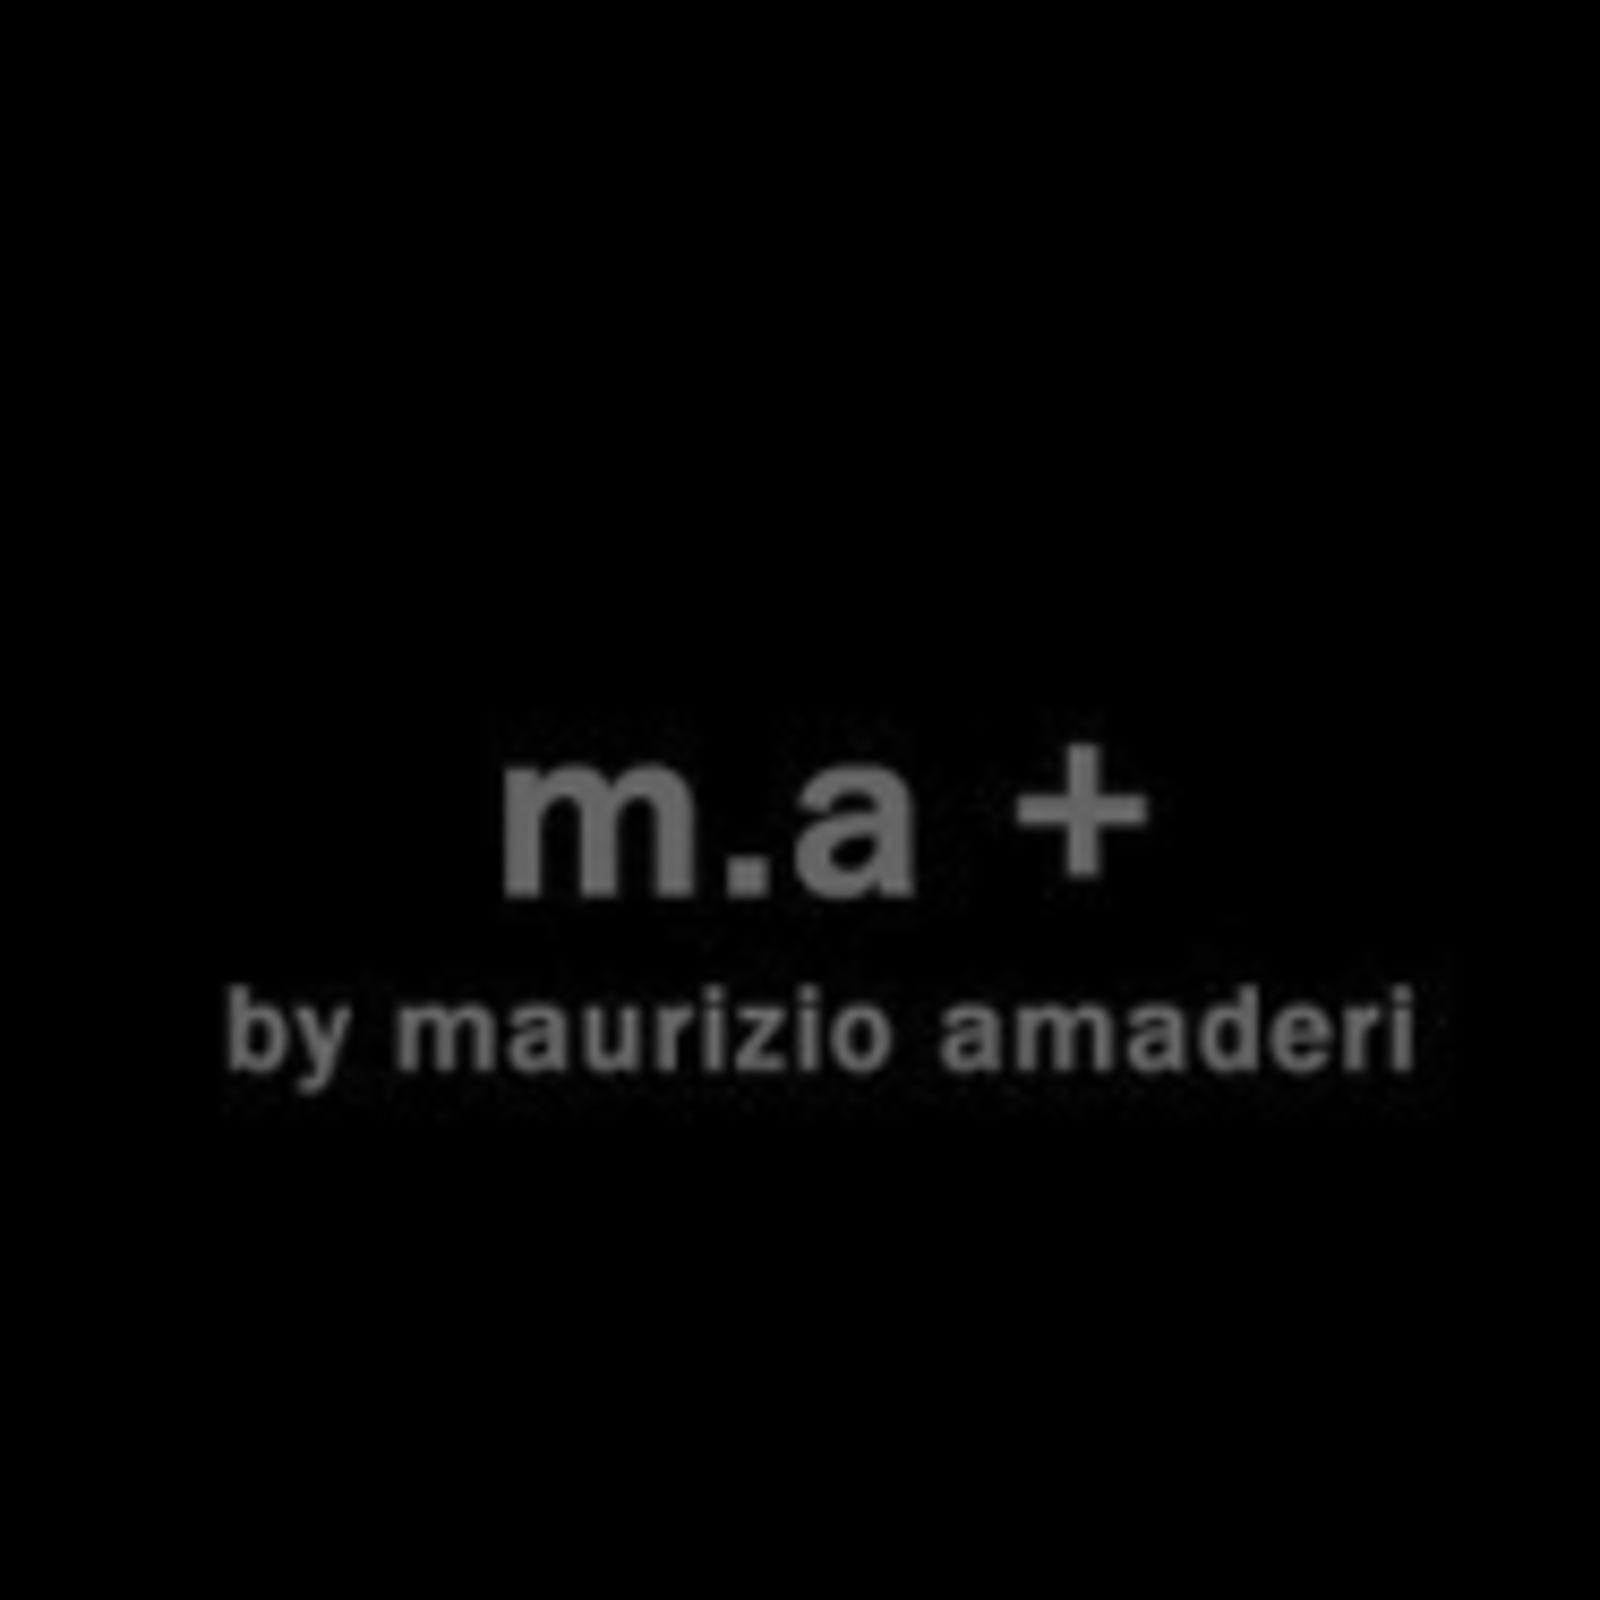 MA+ (Изображение 1)